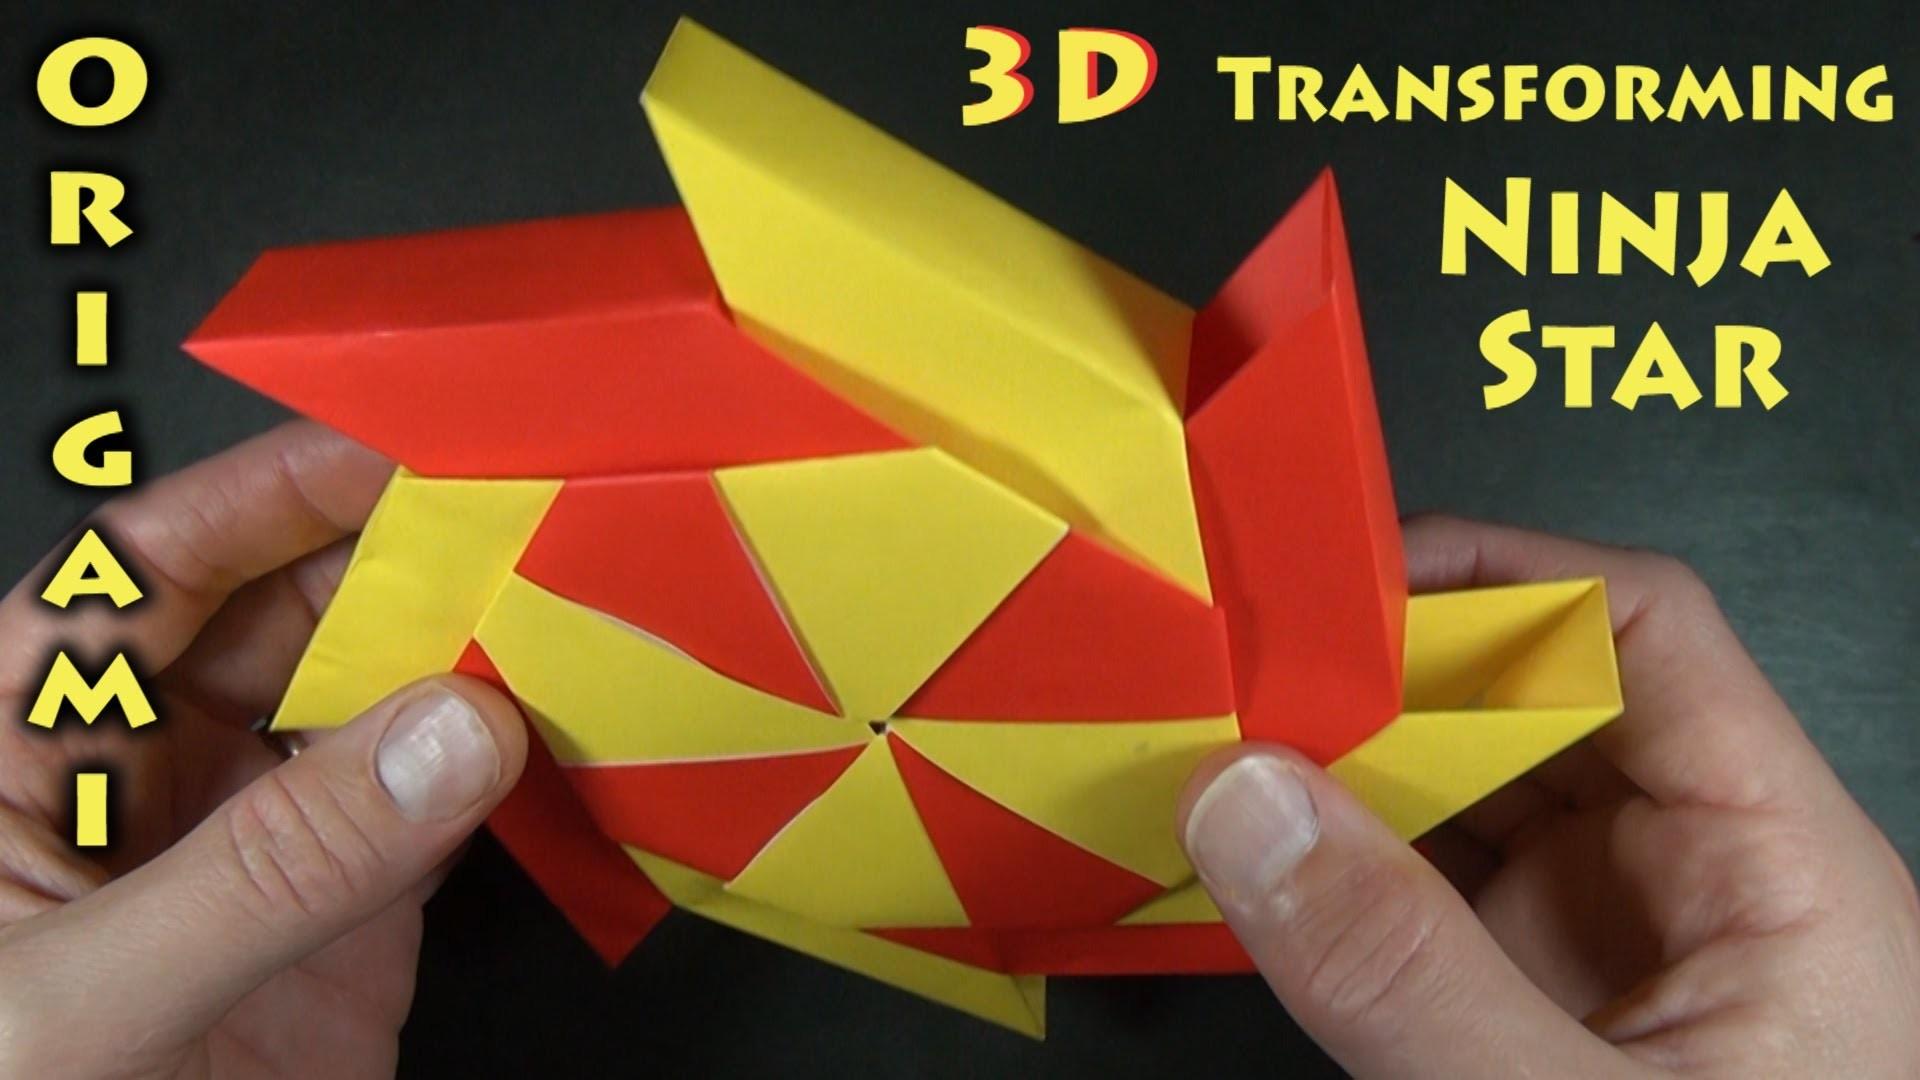 3-D Transforming Ninja Star designed by Ray Bolt